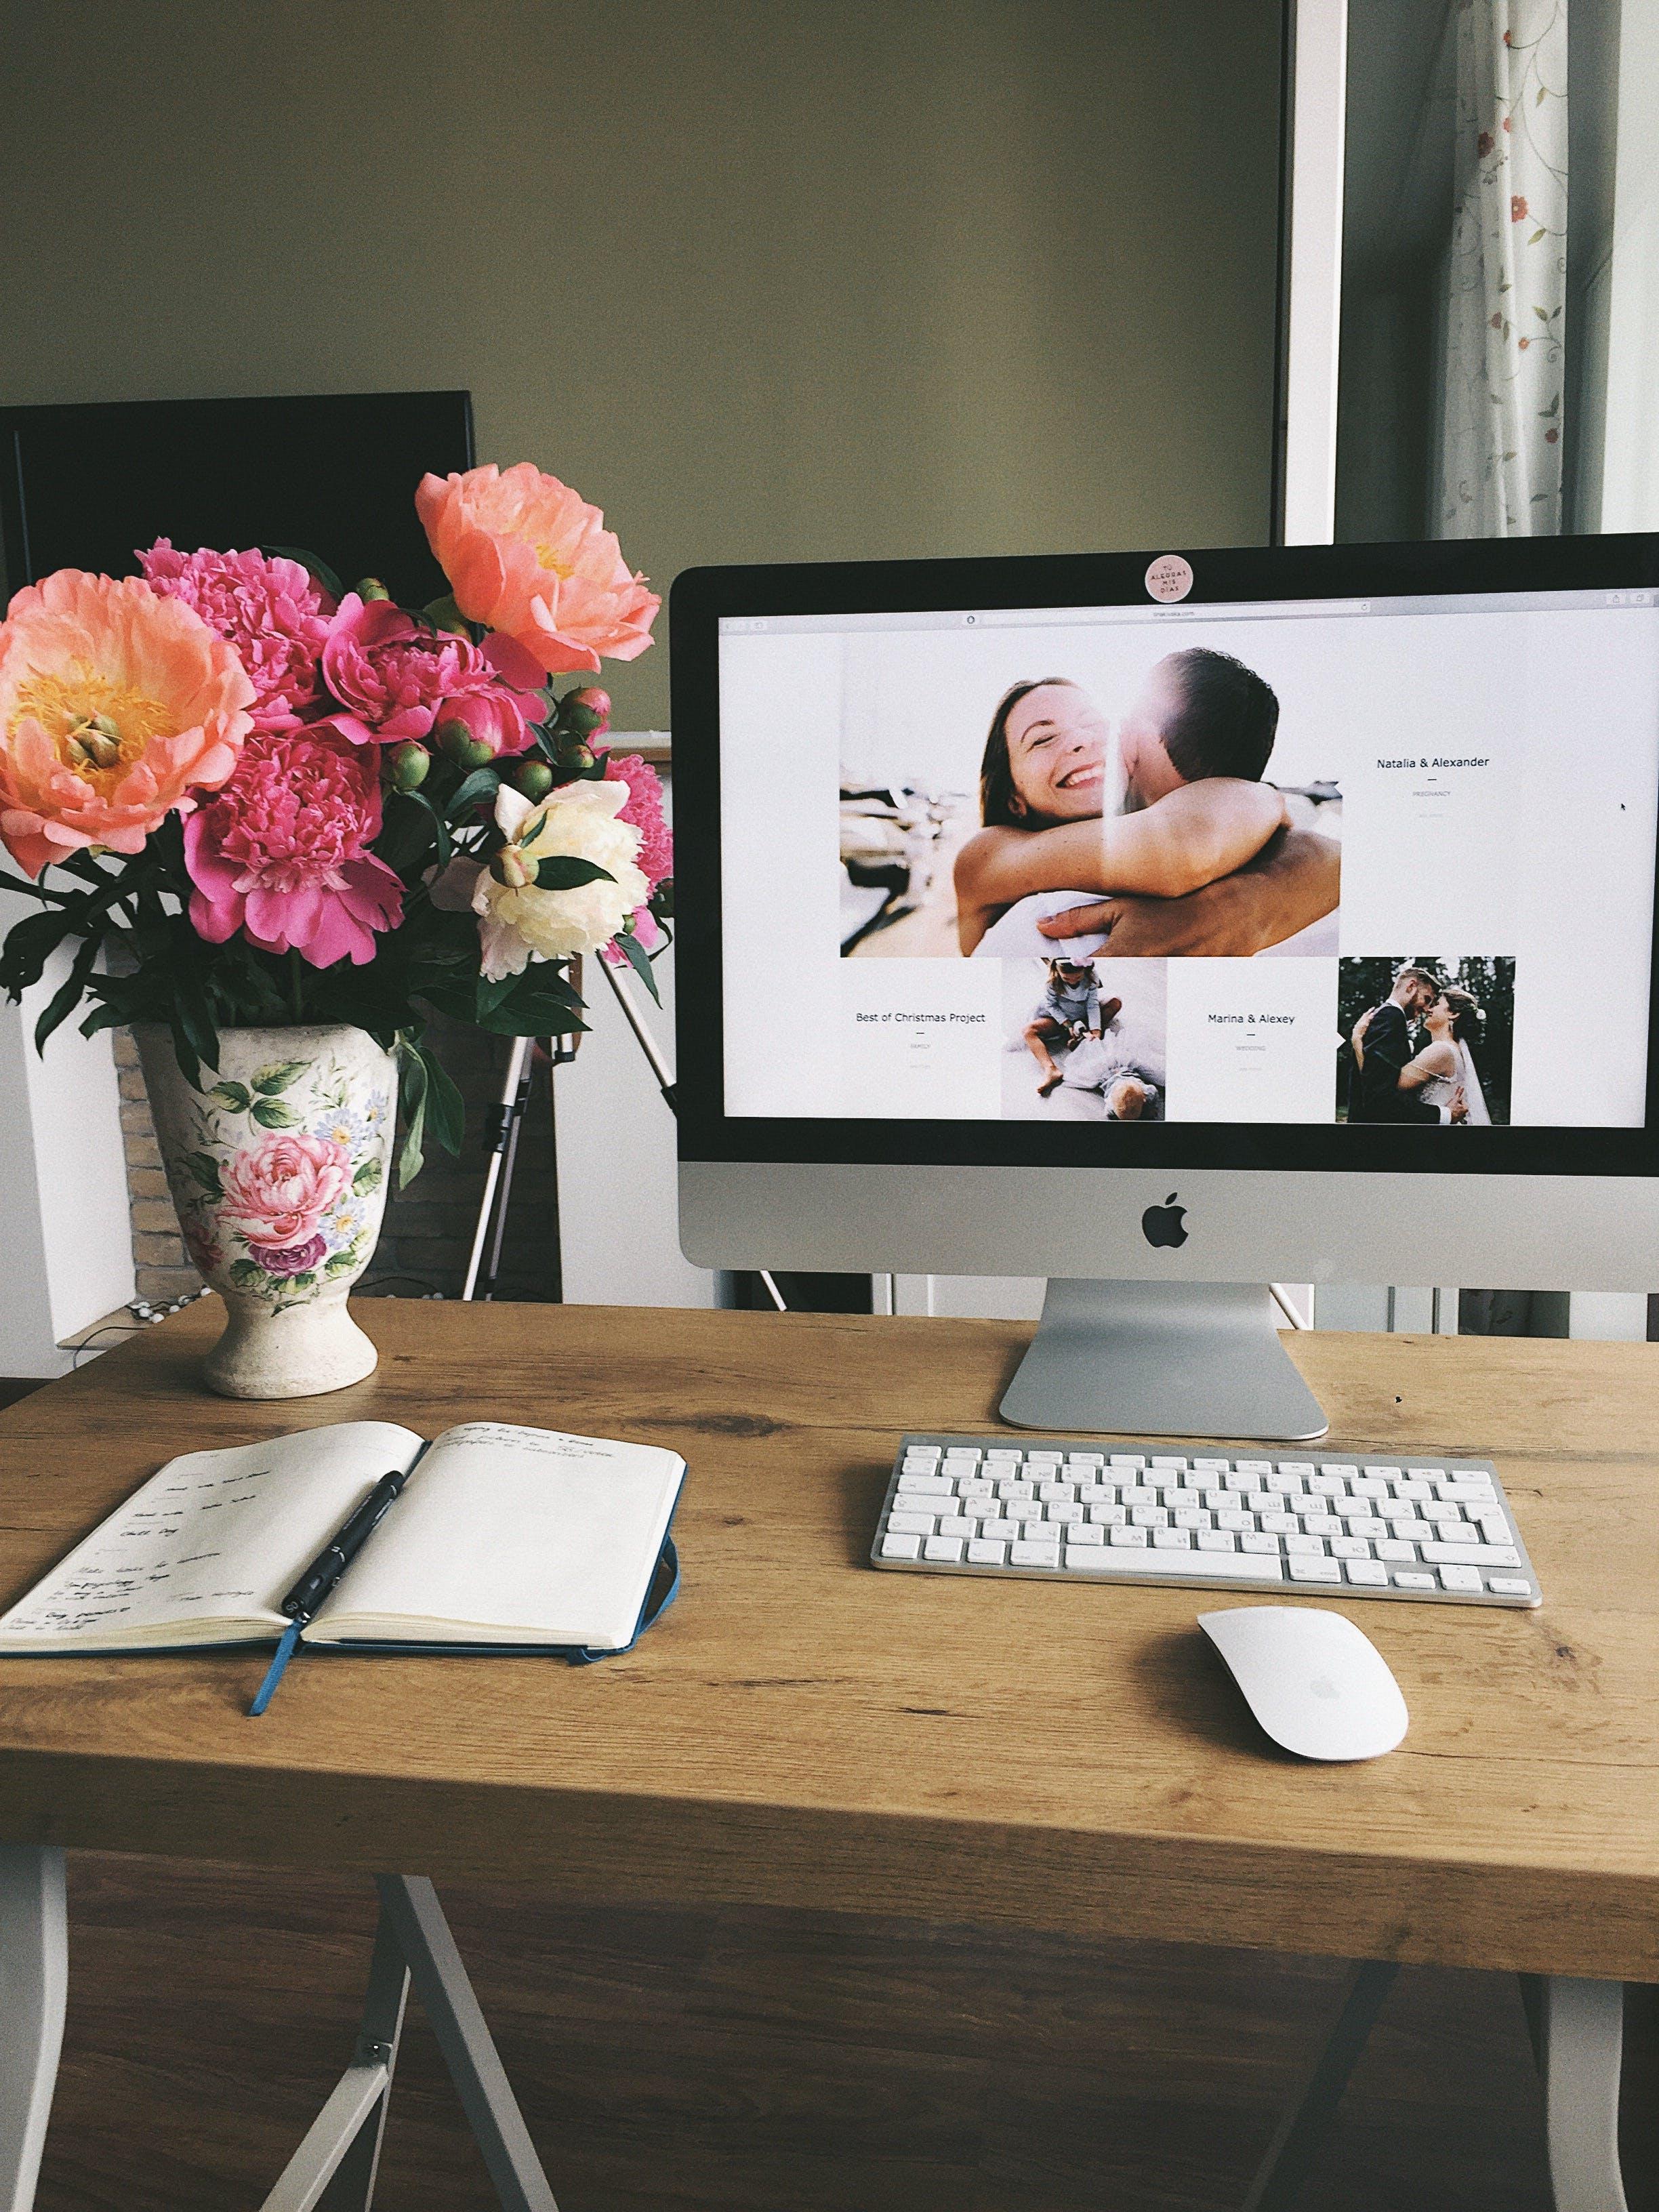 aygıtlar, çağdaş, ekran, elektronik içeren Ücretsiz stok fotoğraf